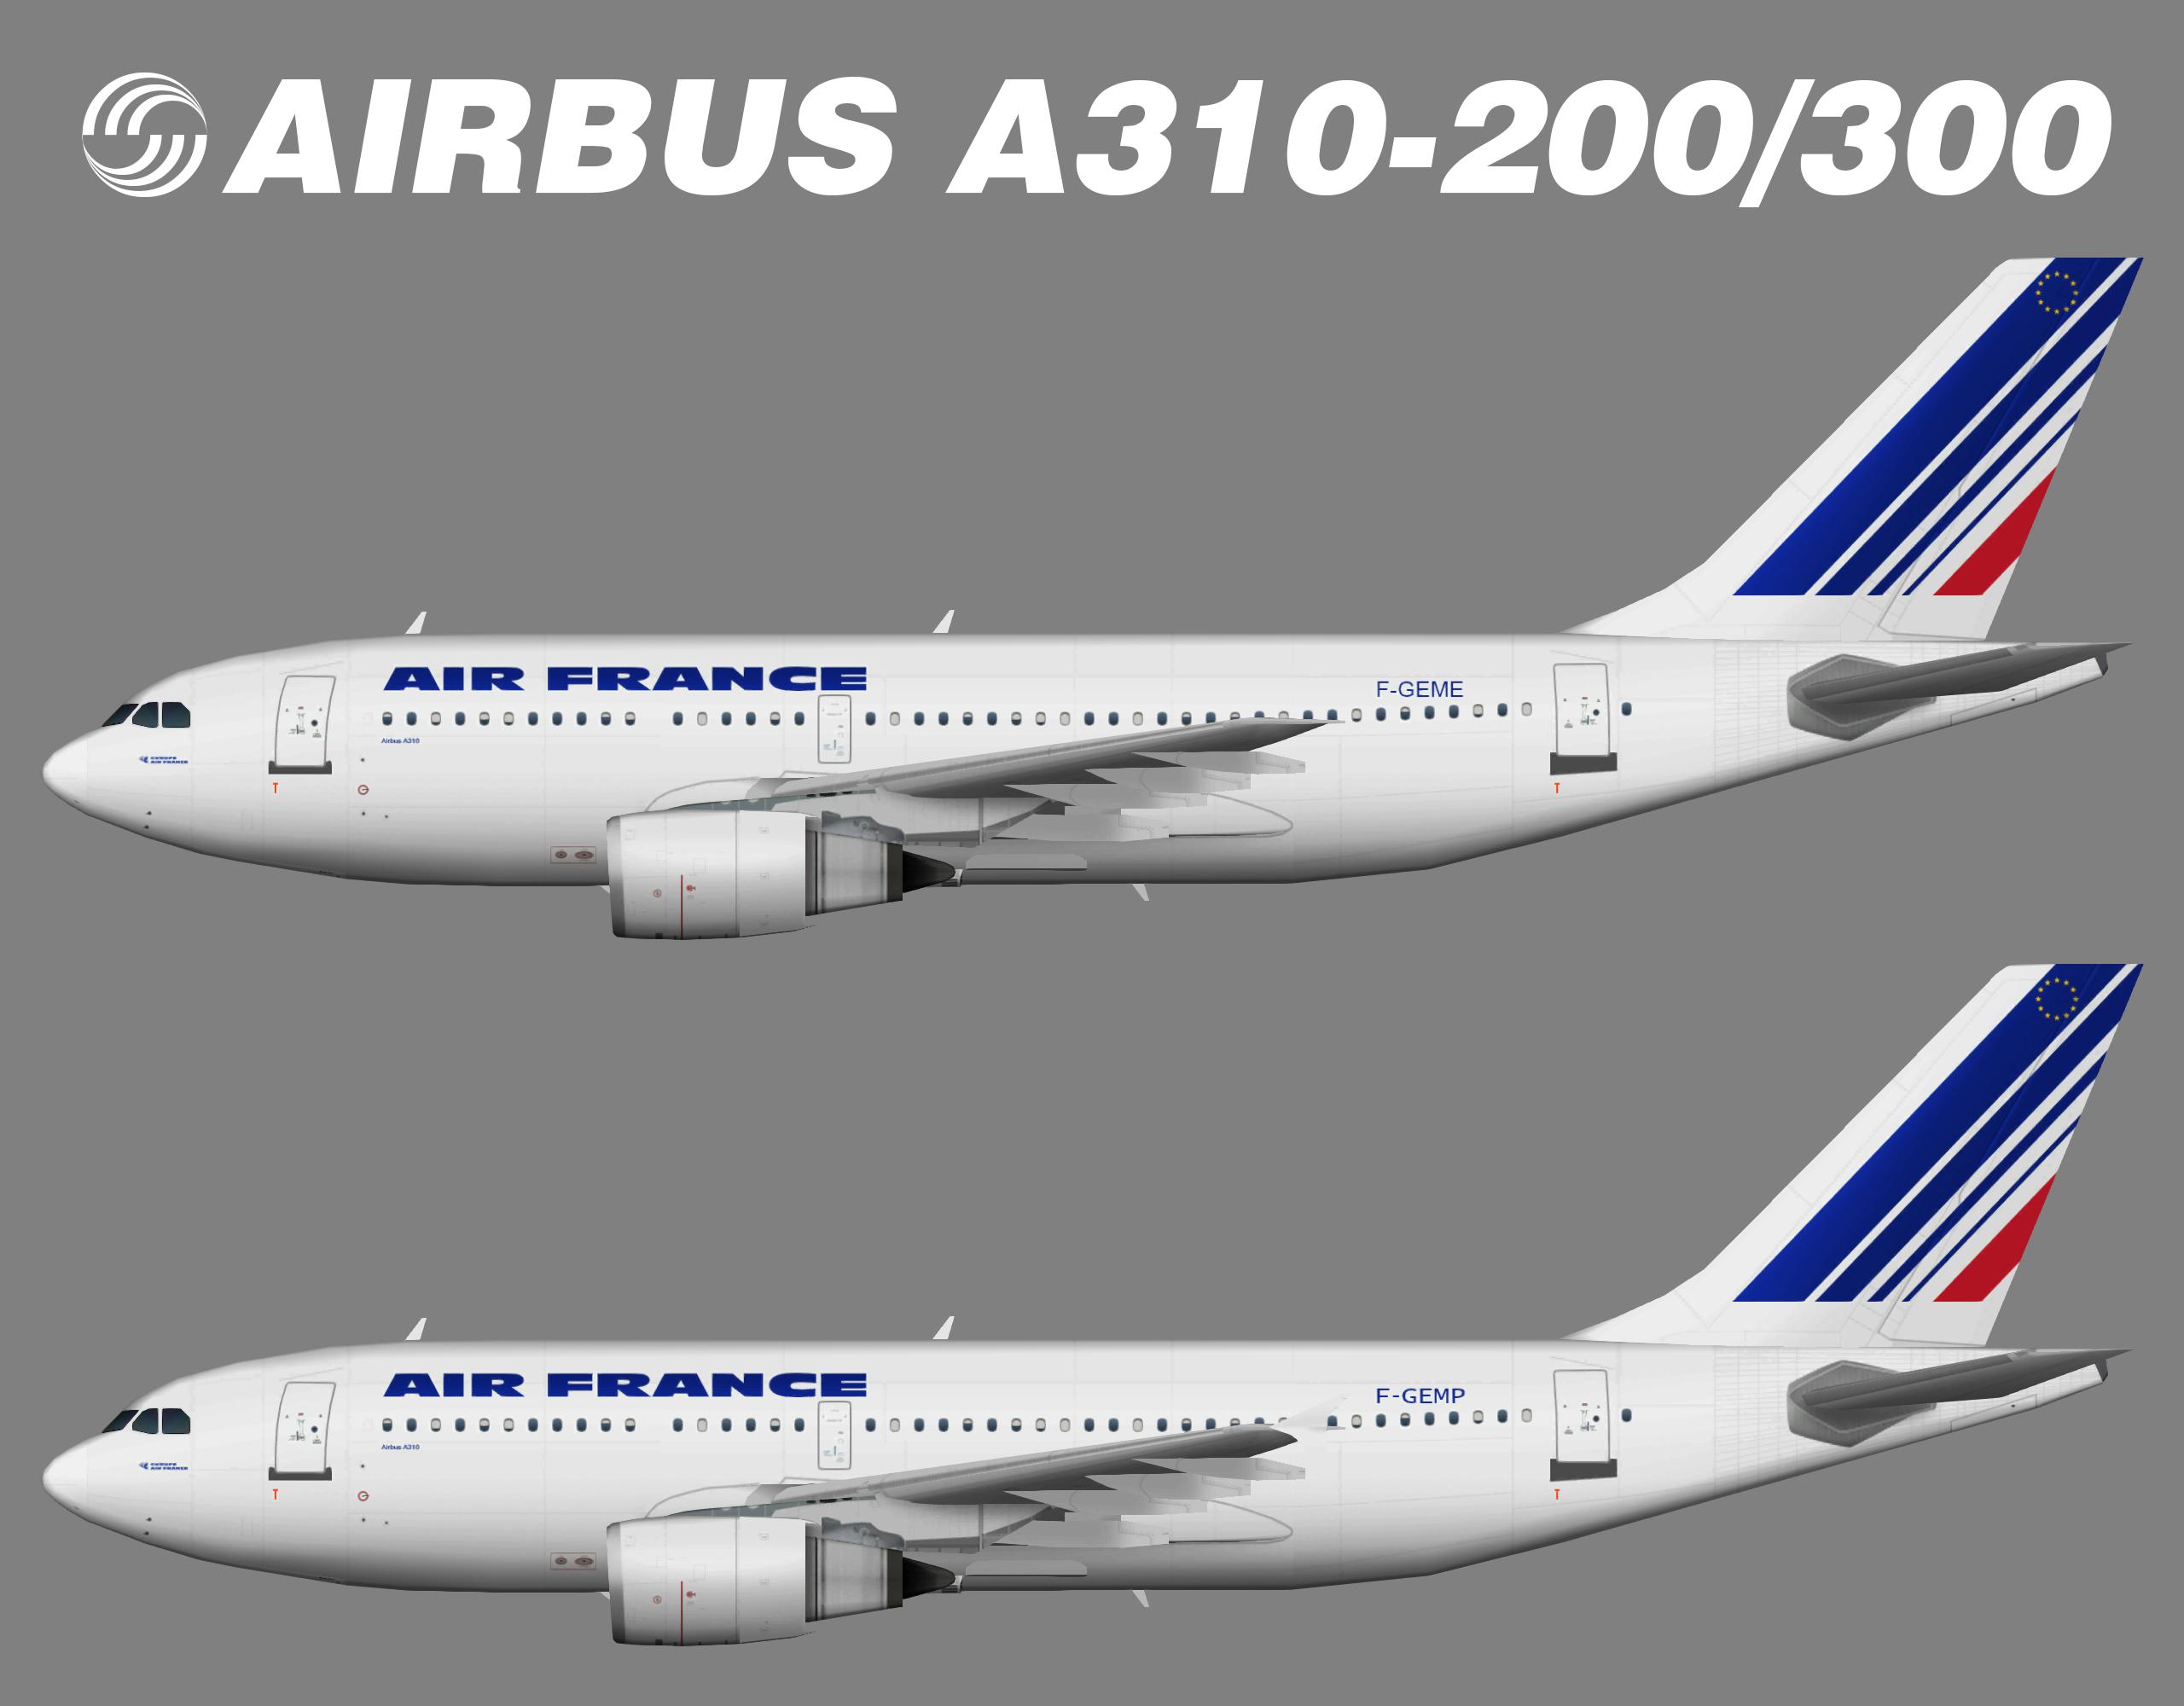 Air France Airbus A310-200/300